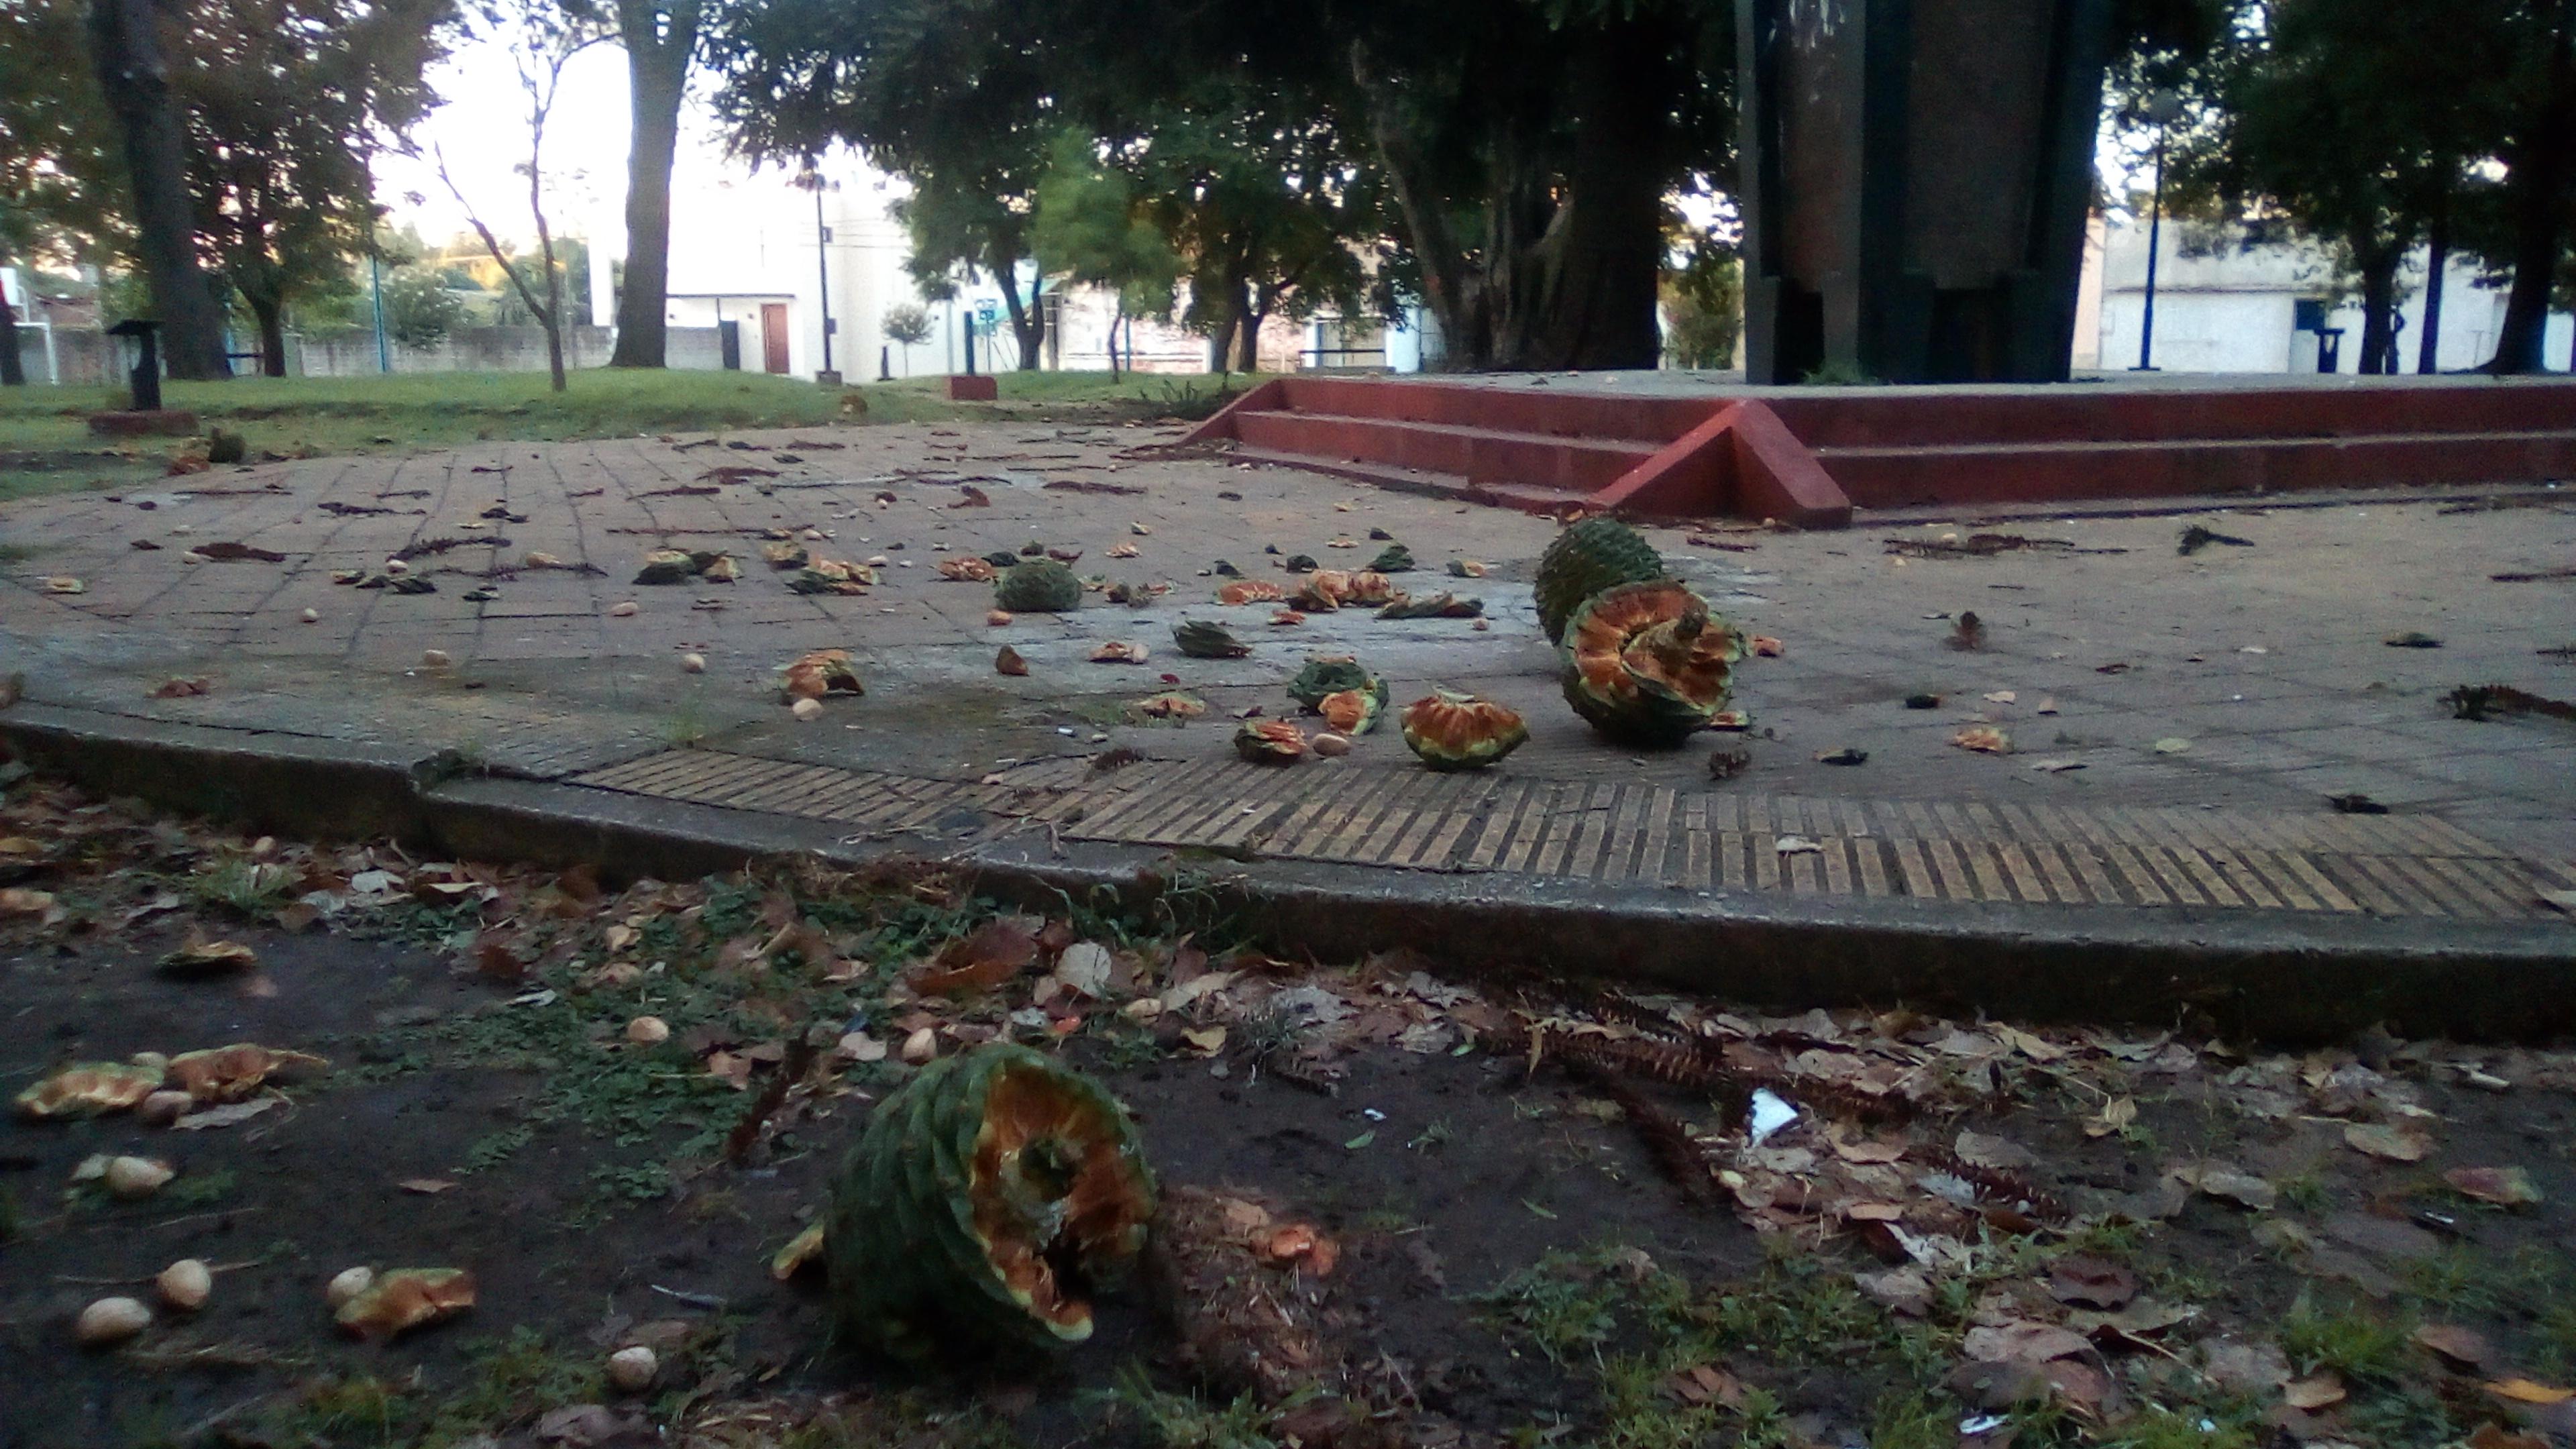 La tormenta del pasado domingo 3 de marzo por la noche y madrugada del lunes 4 produjo este fenómeno en la Plaza Moreno.